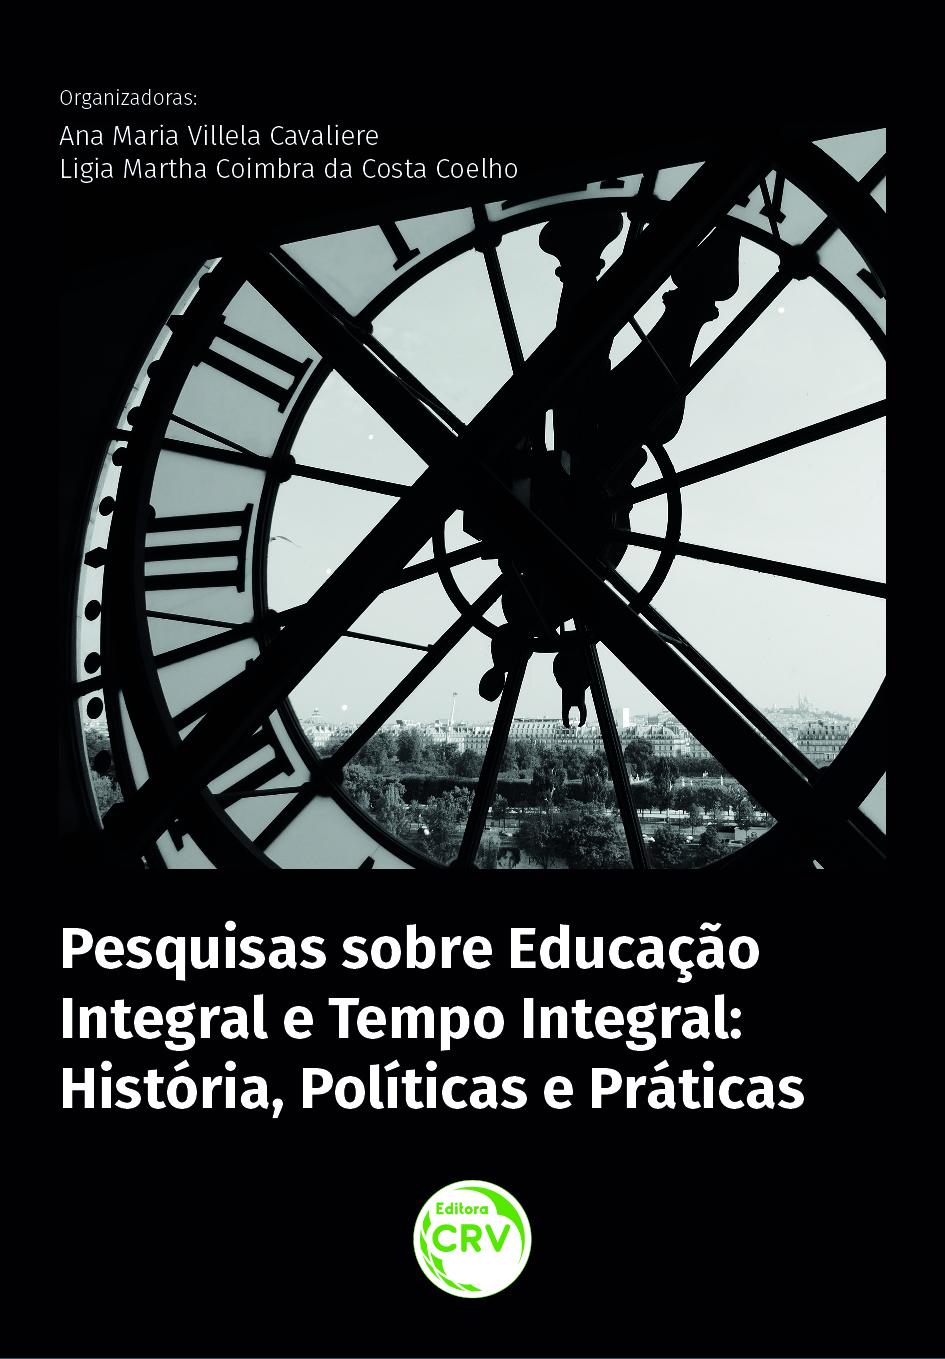 Capa do livro: PESQUISAS SOBRE EDUCAÇÃO INTEGRAL E TEMPO INTEGRAL:<br> história, políticas e práticas